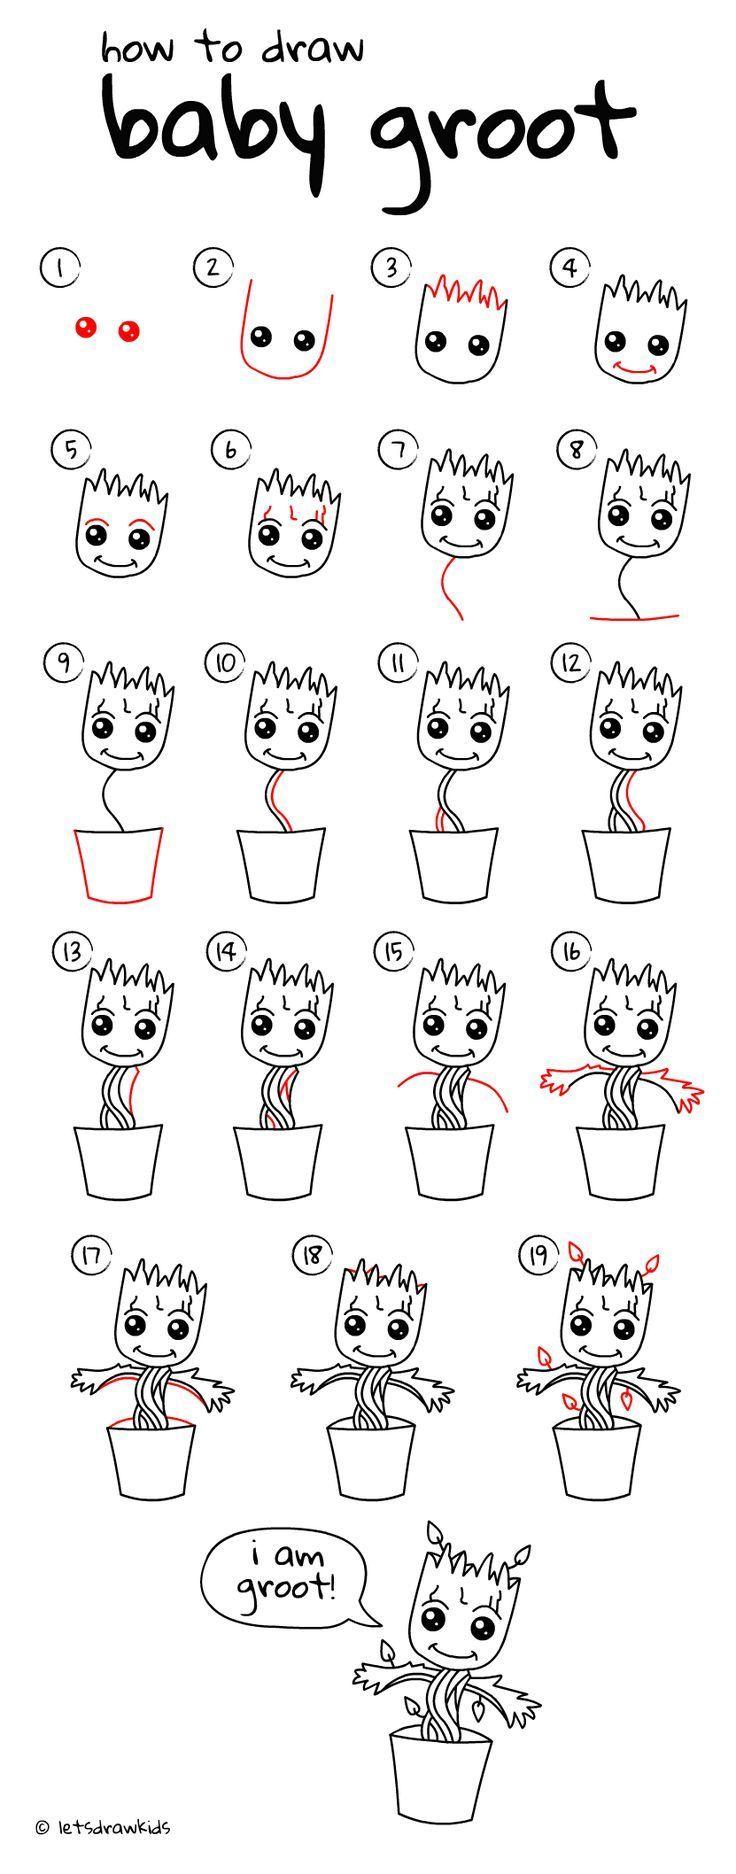 Zeichnungsentwürfe – Wie zeichnet man Baby Groot. Einfaches Zeichnen, Schritt für Schritt, …